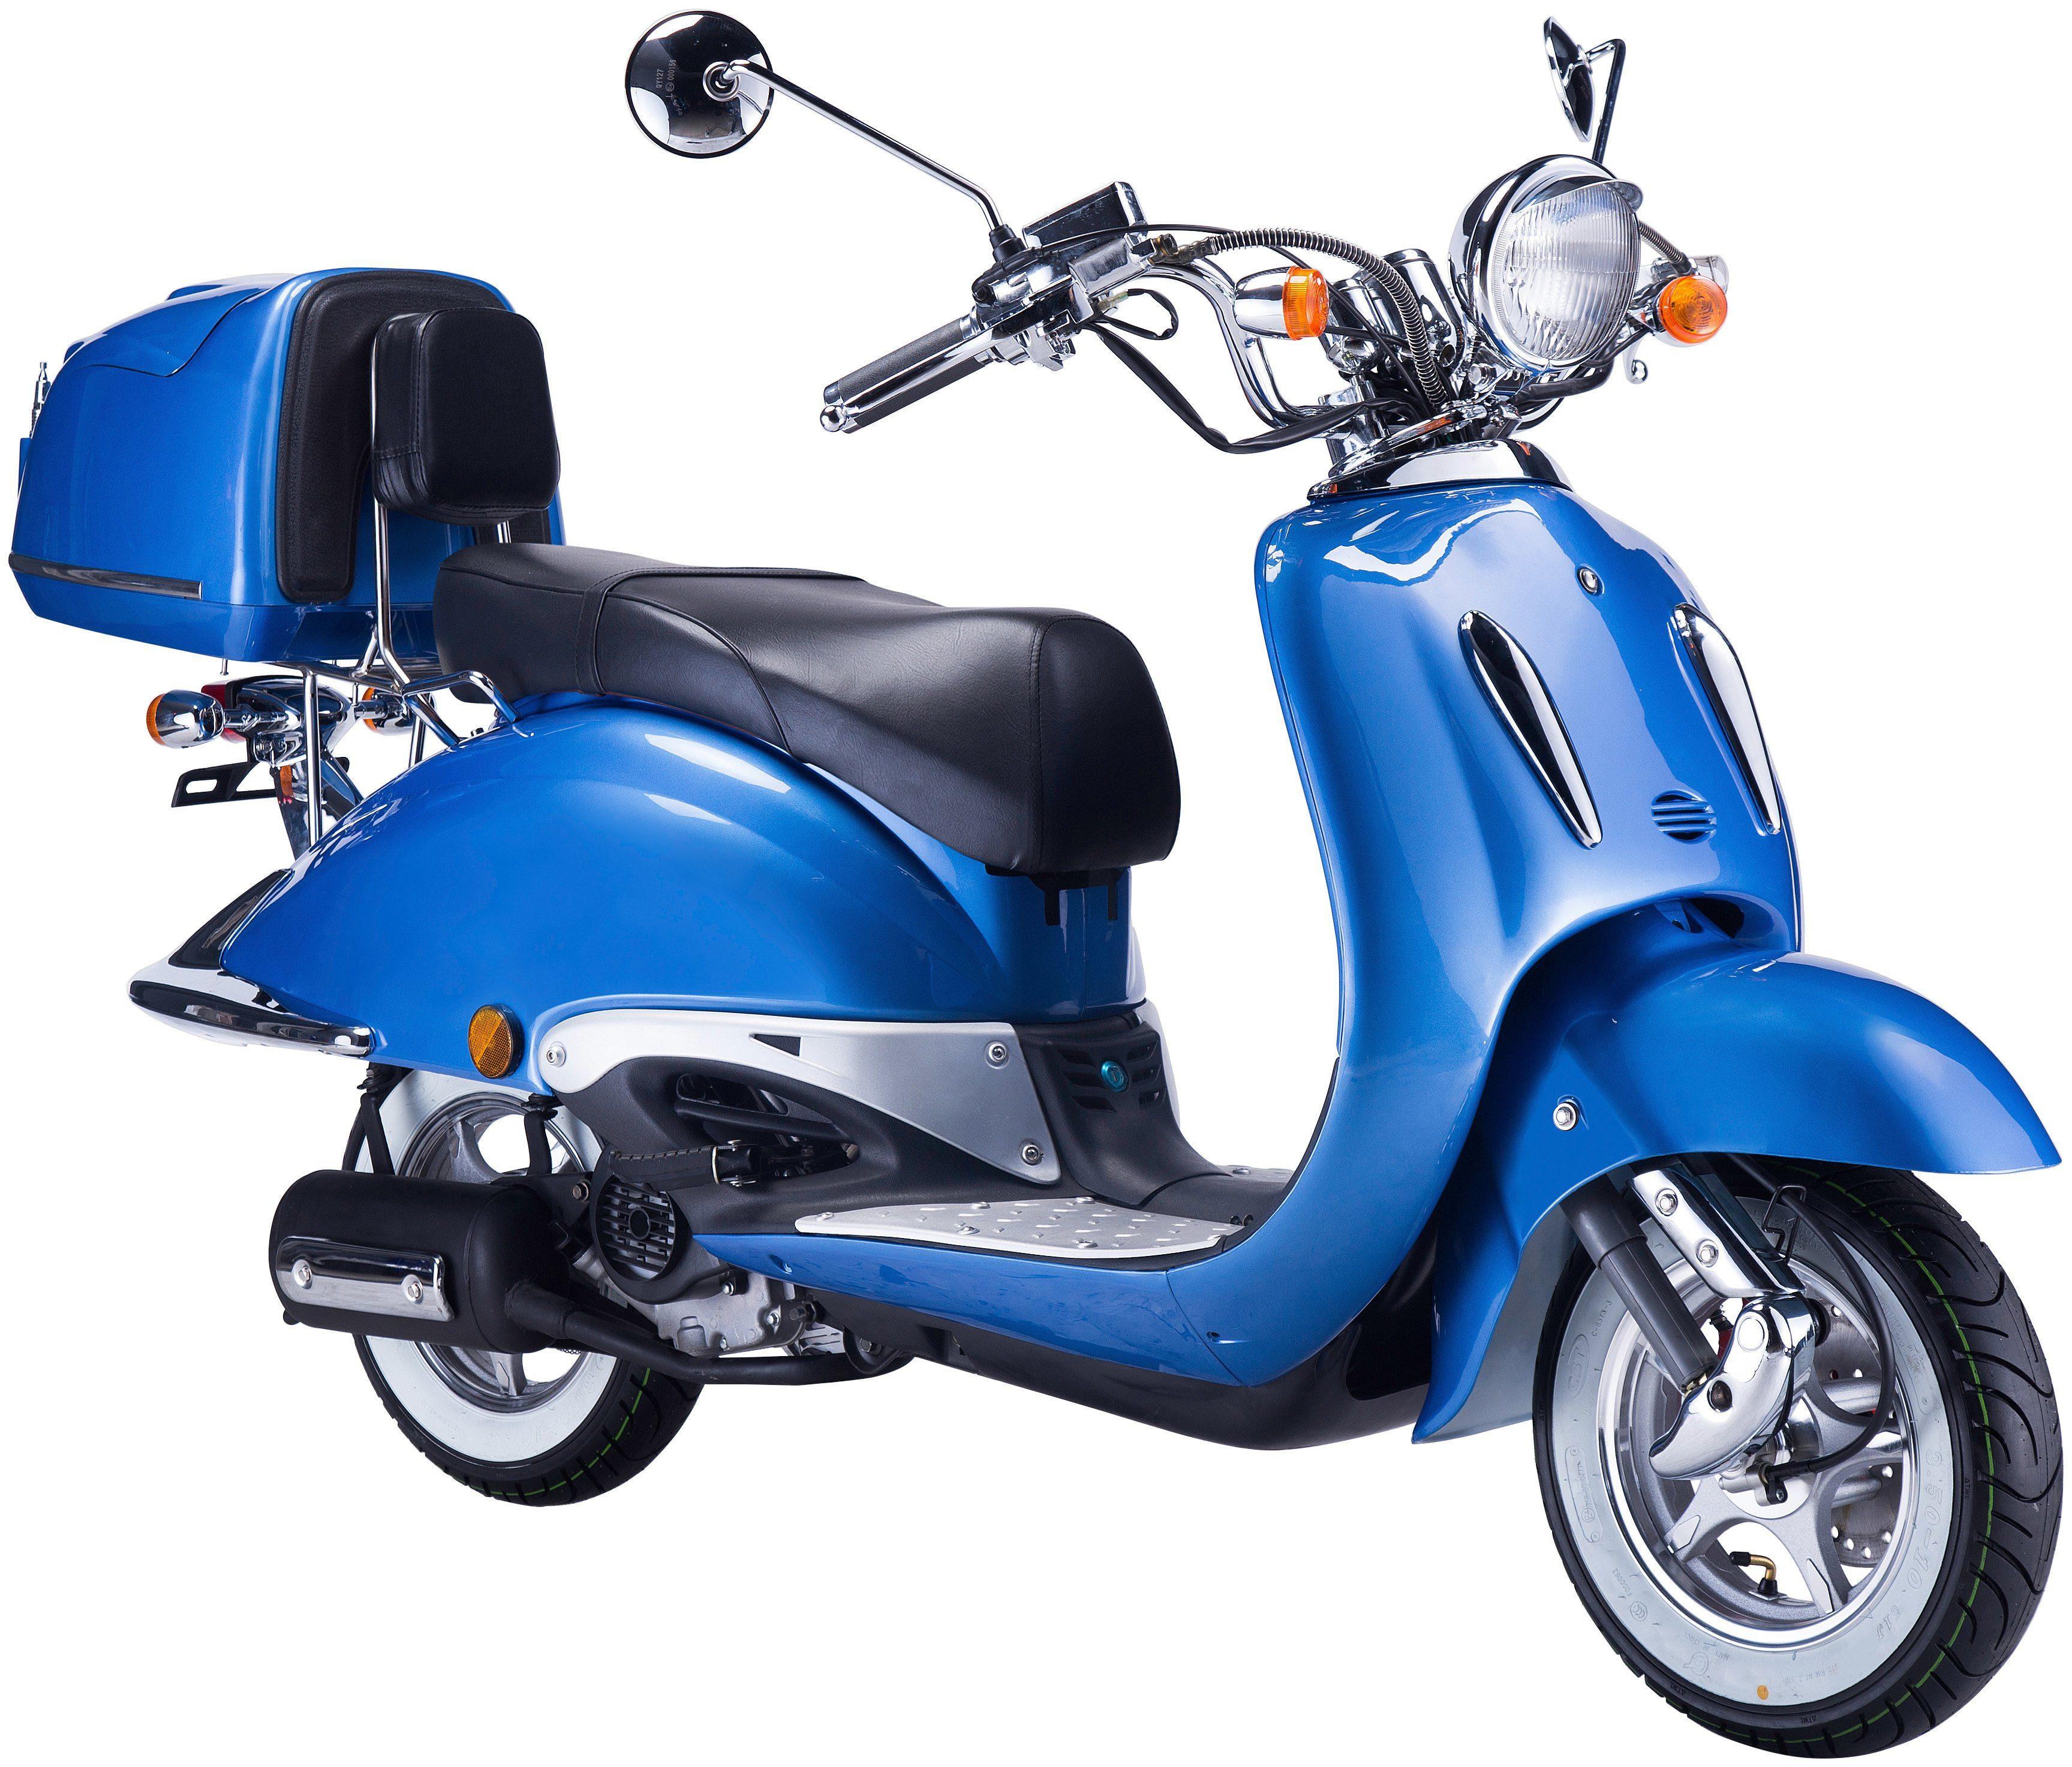 GT UNION Mofa »Strada«, 50 ccm, 25km/h, blau-schwarz